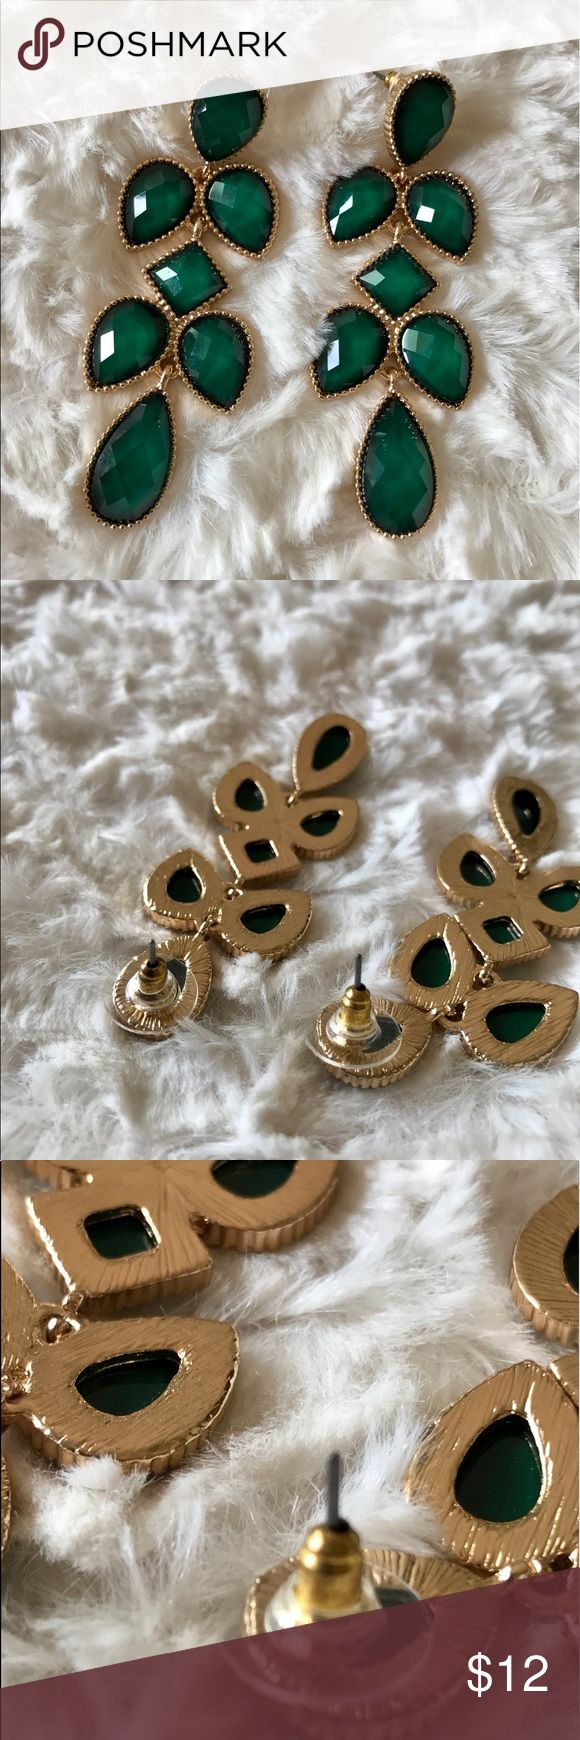 Brand New Emerald Dangly Teardrop Earrings